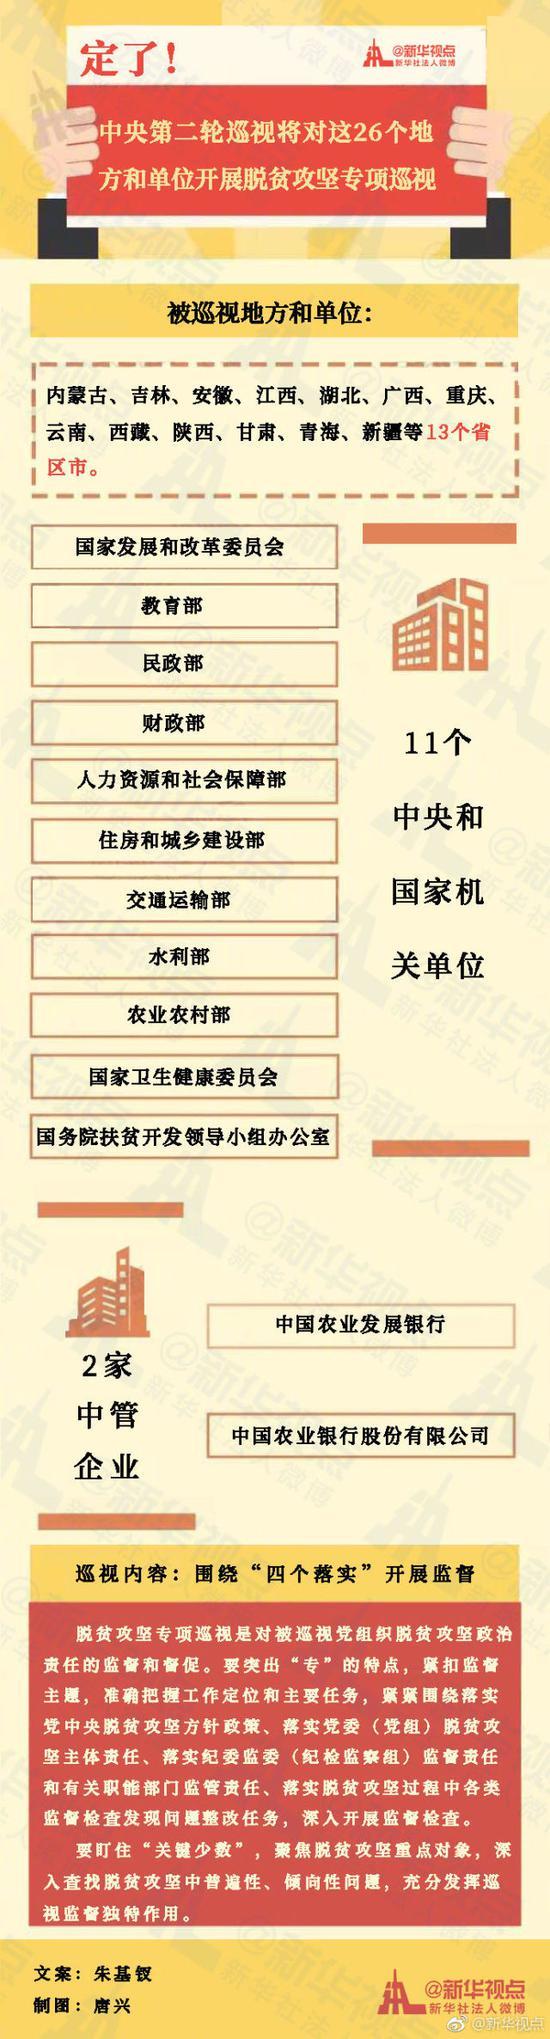 十九届中央第二轮巡视将对26个地方和单位党组织开展脱贫攻坚专项巡视